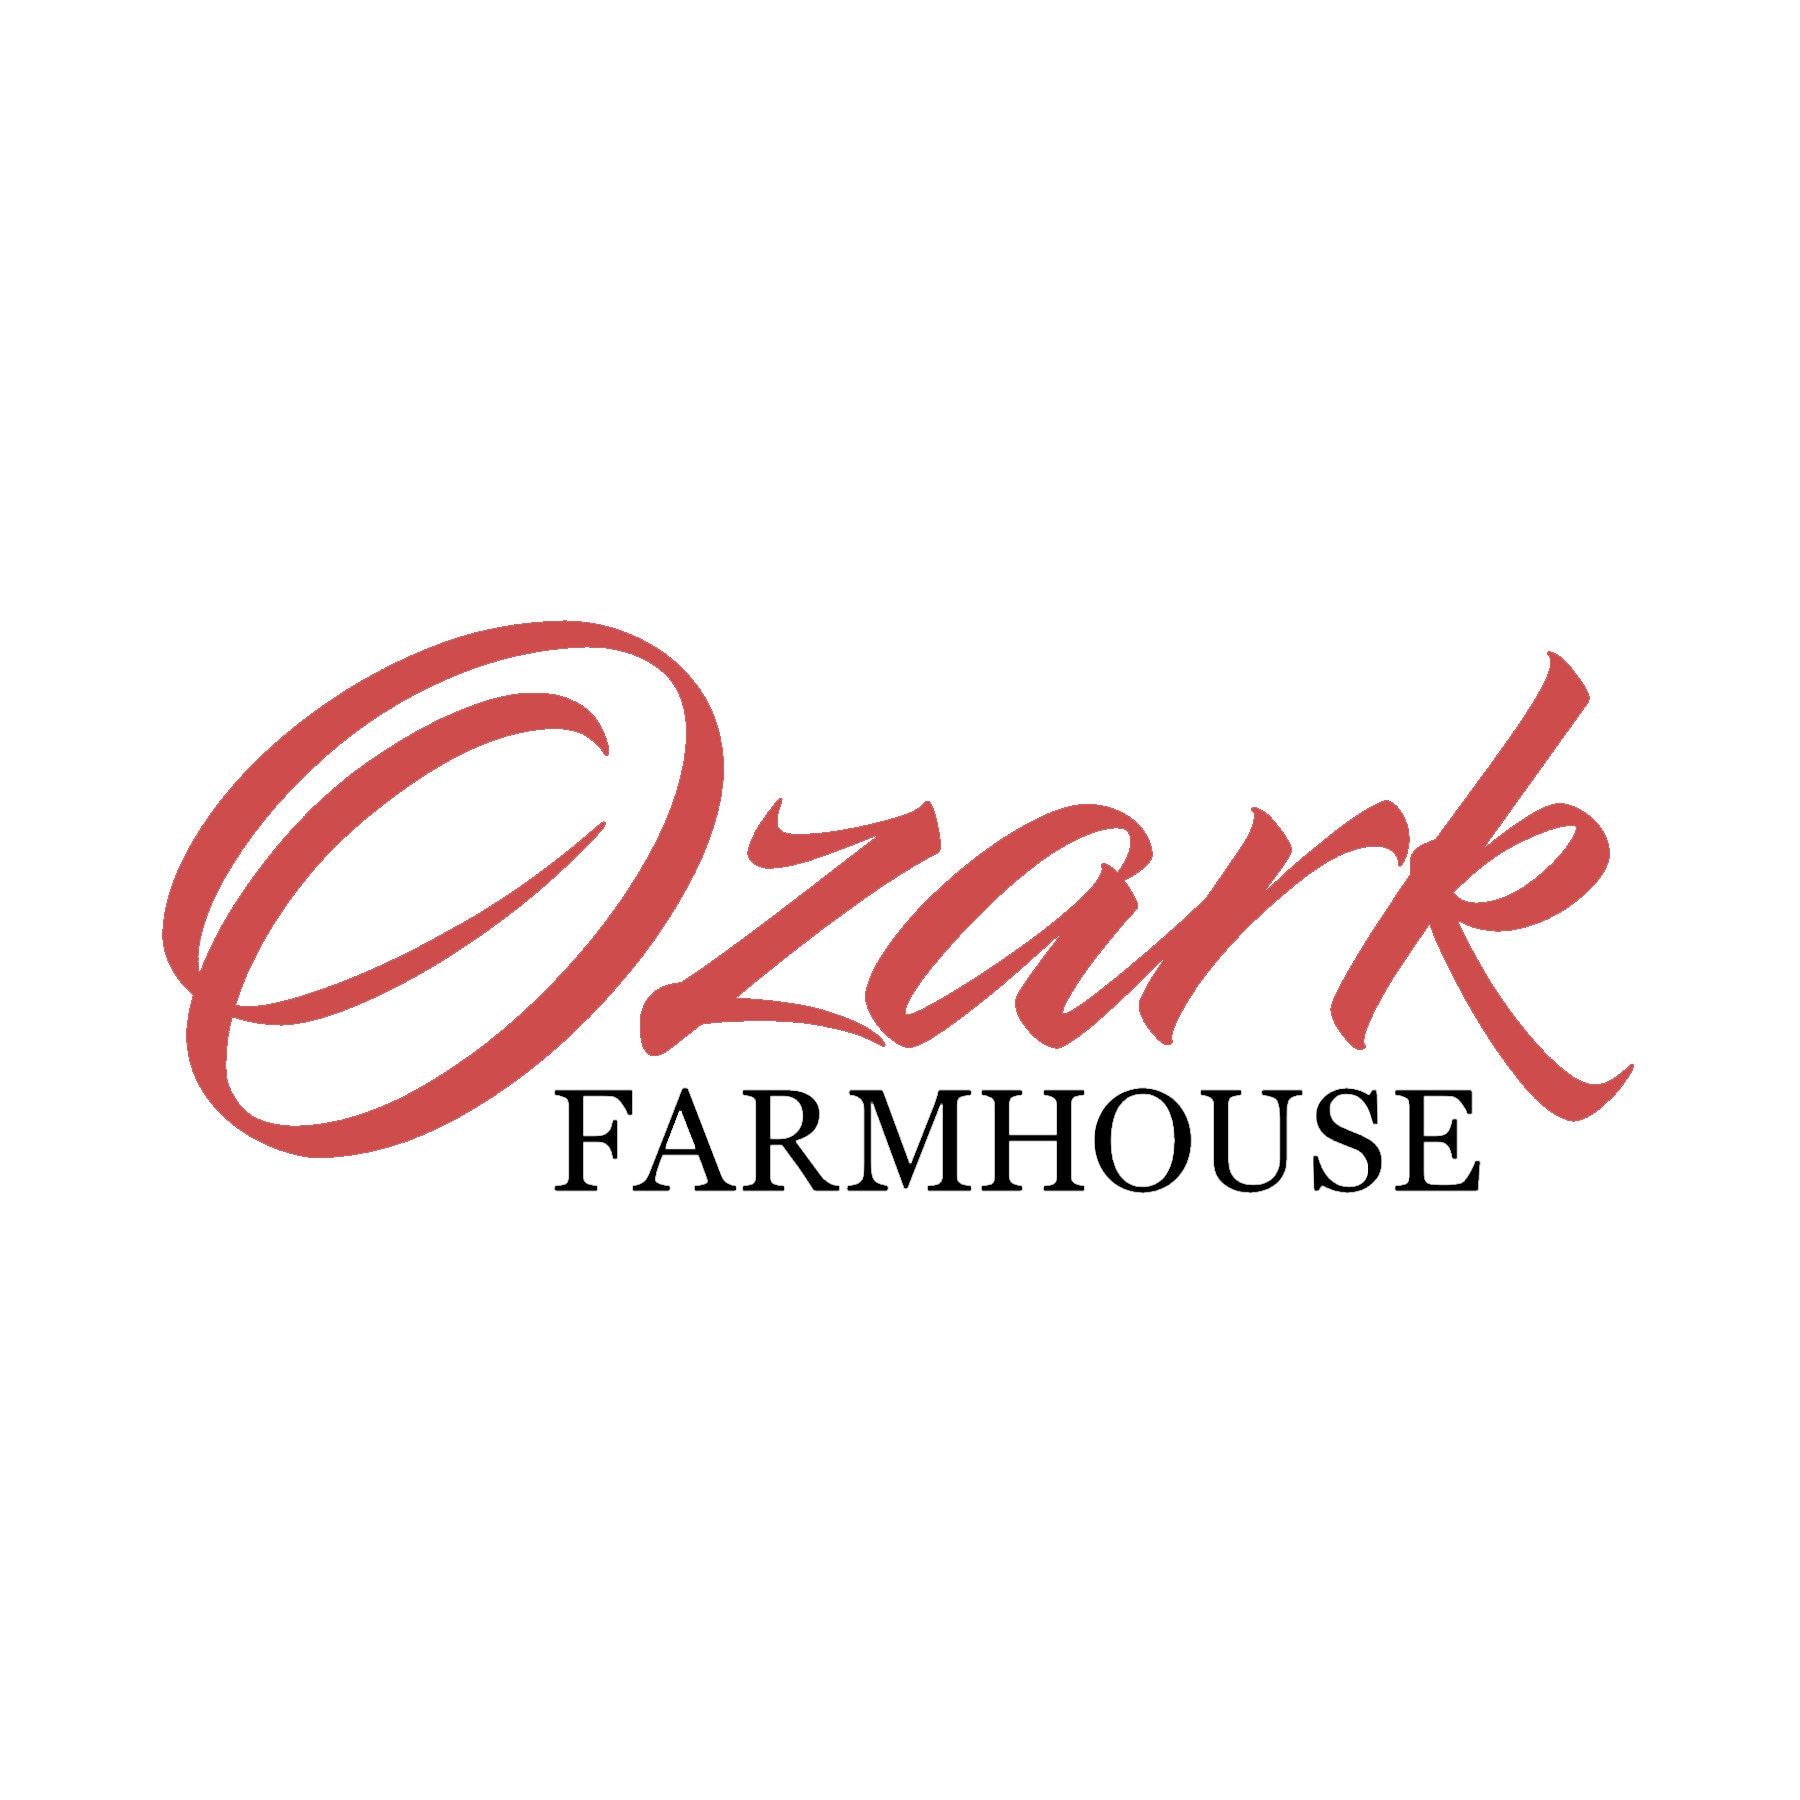 OzarkFarmhouse